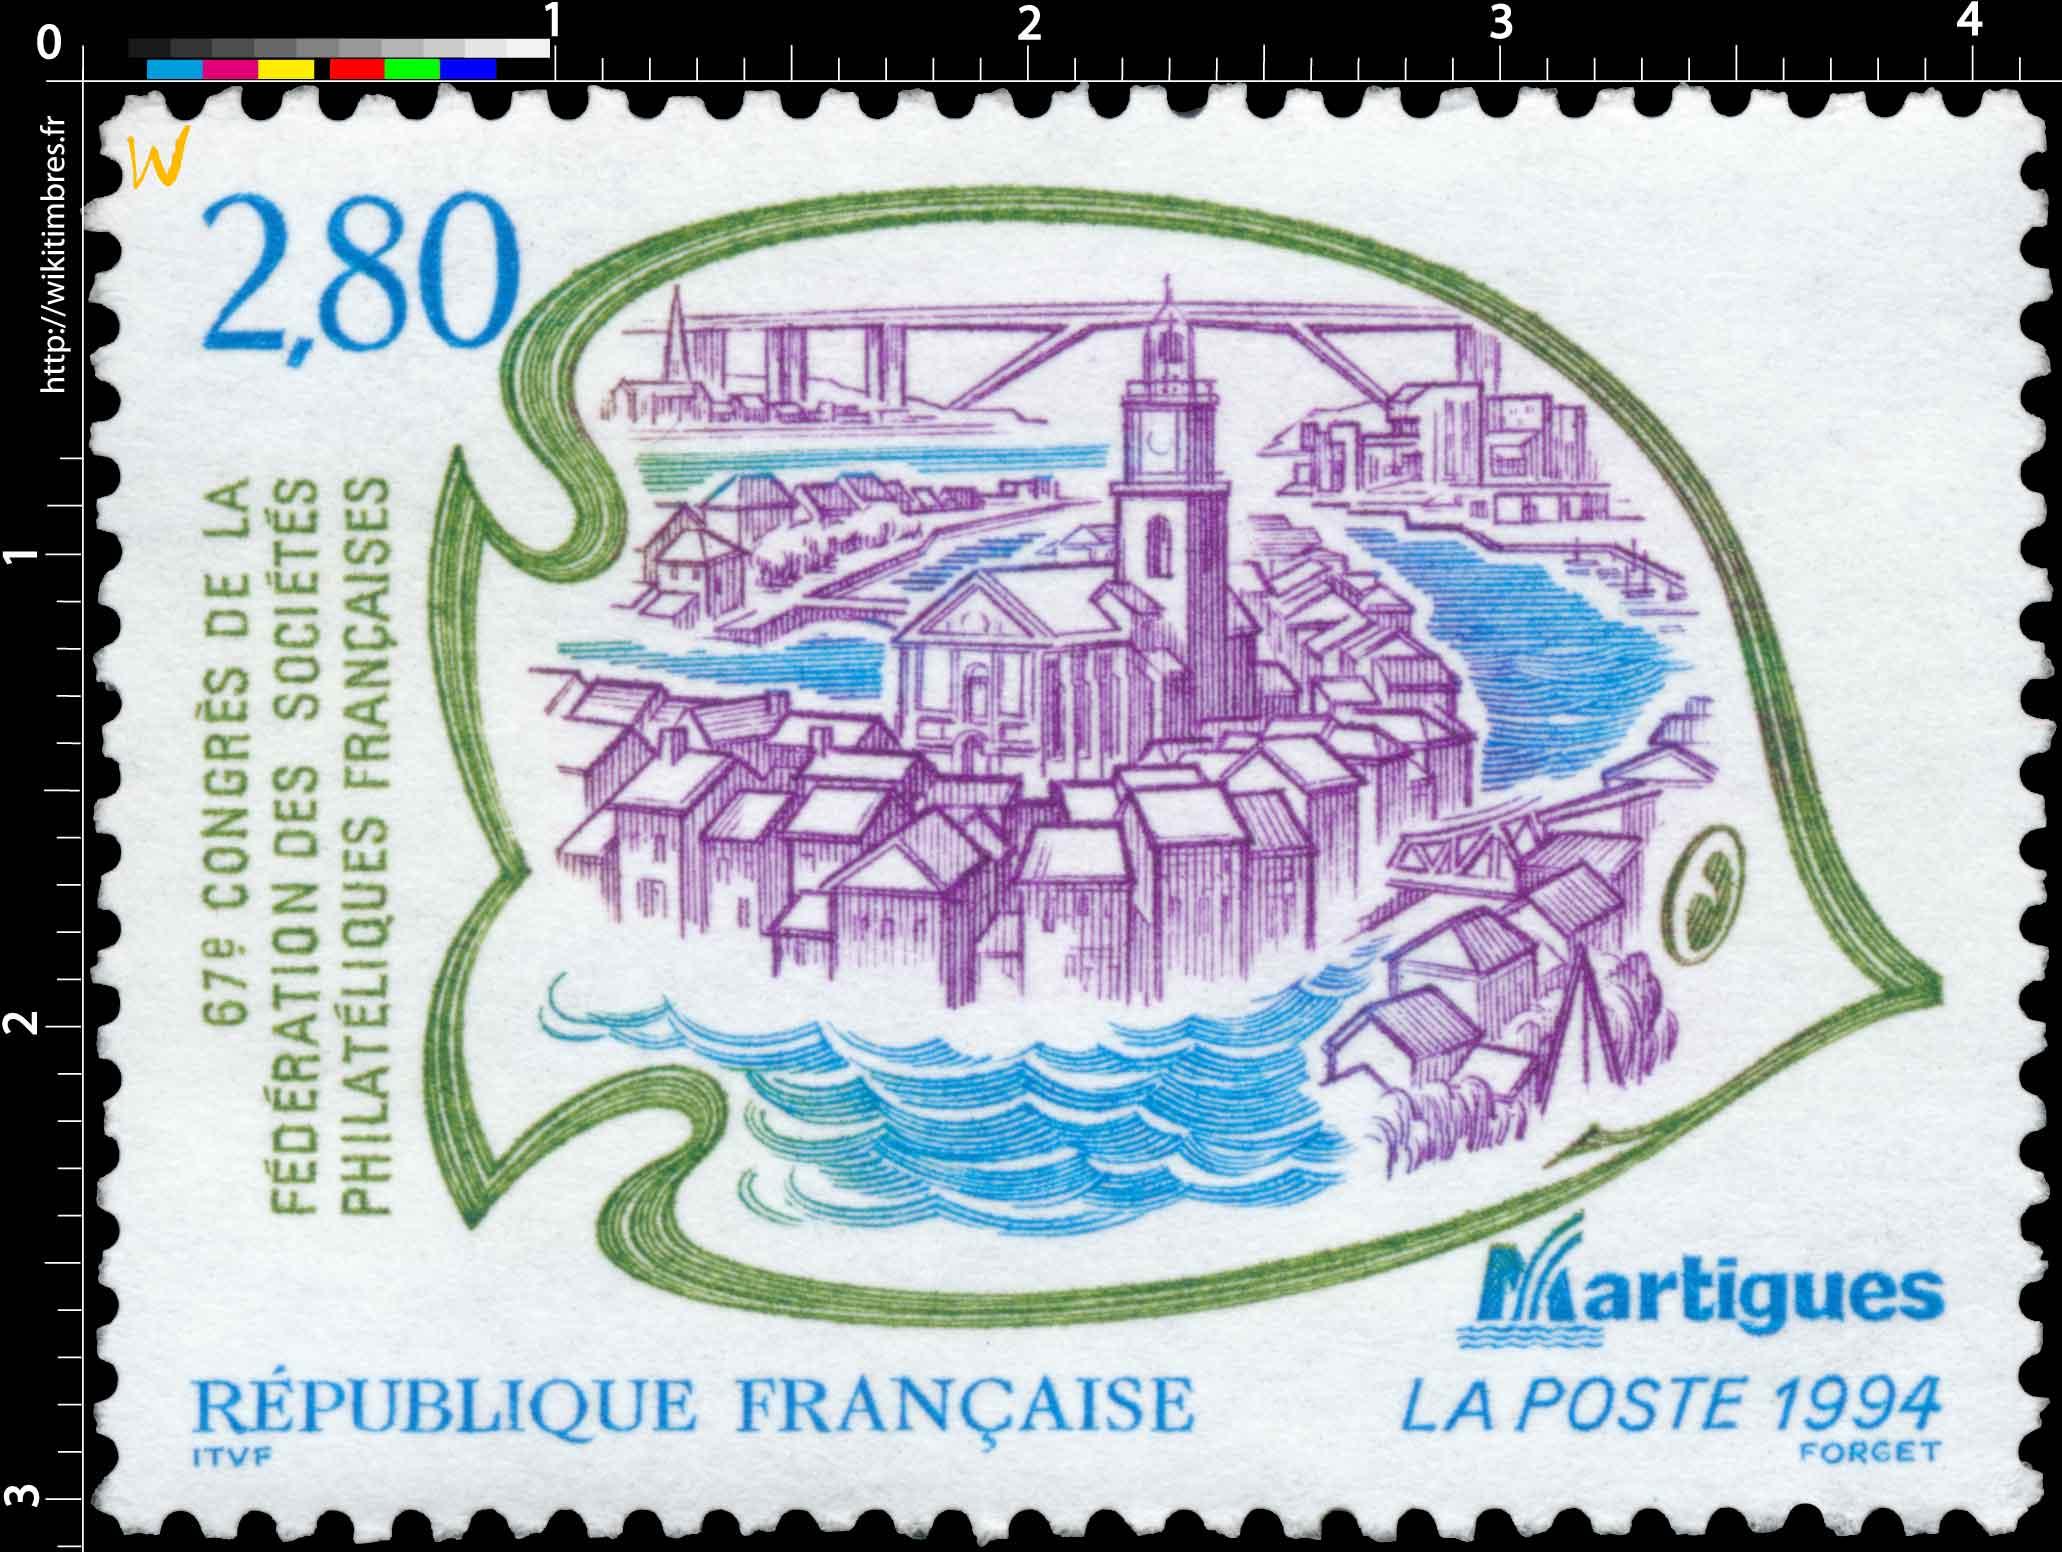 1994 67e CONGRÈS DE LA FÉDÉRATION DES SOCIÉTÉS PHILATÉLIQUES FRANÇAISE Martigues